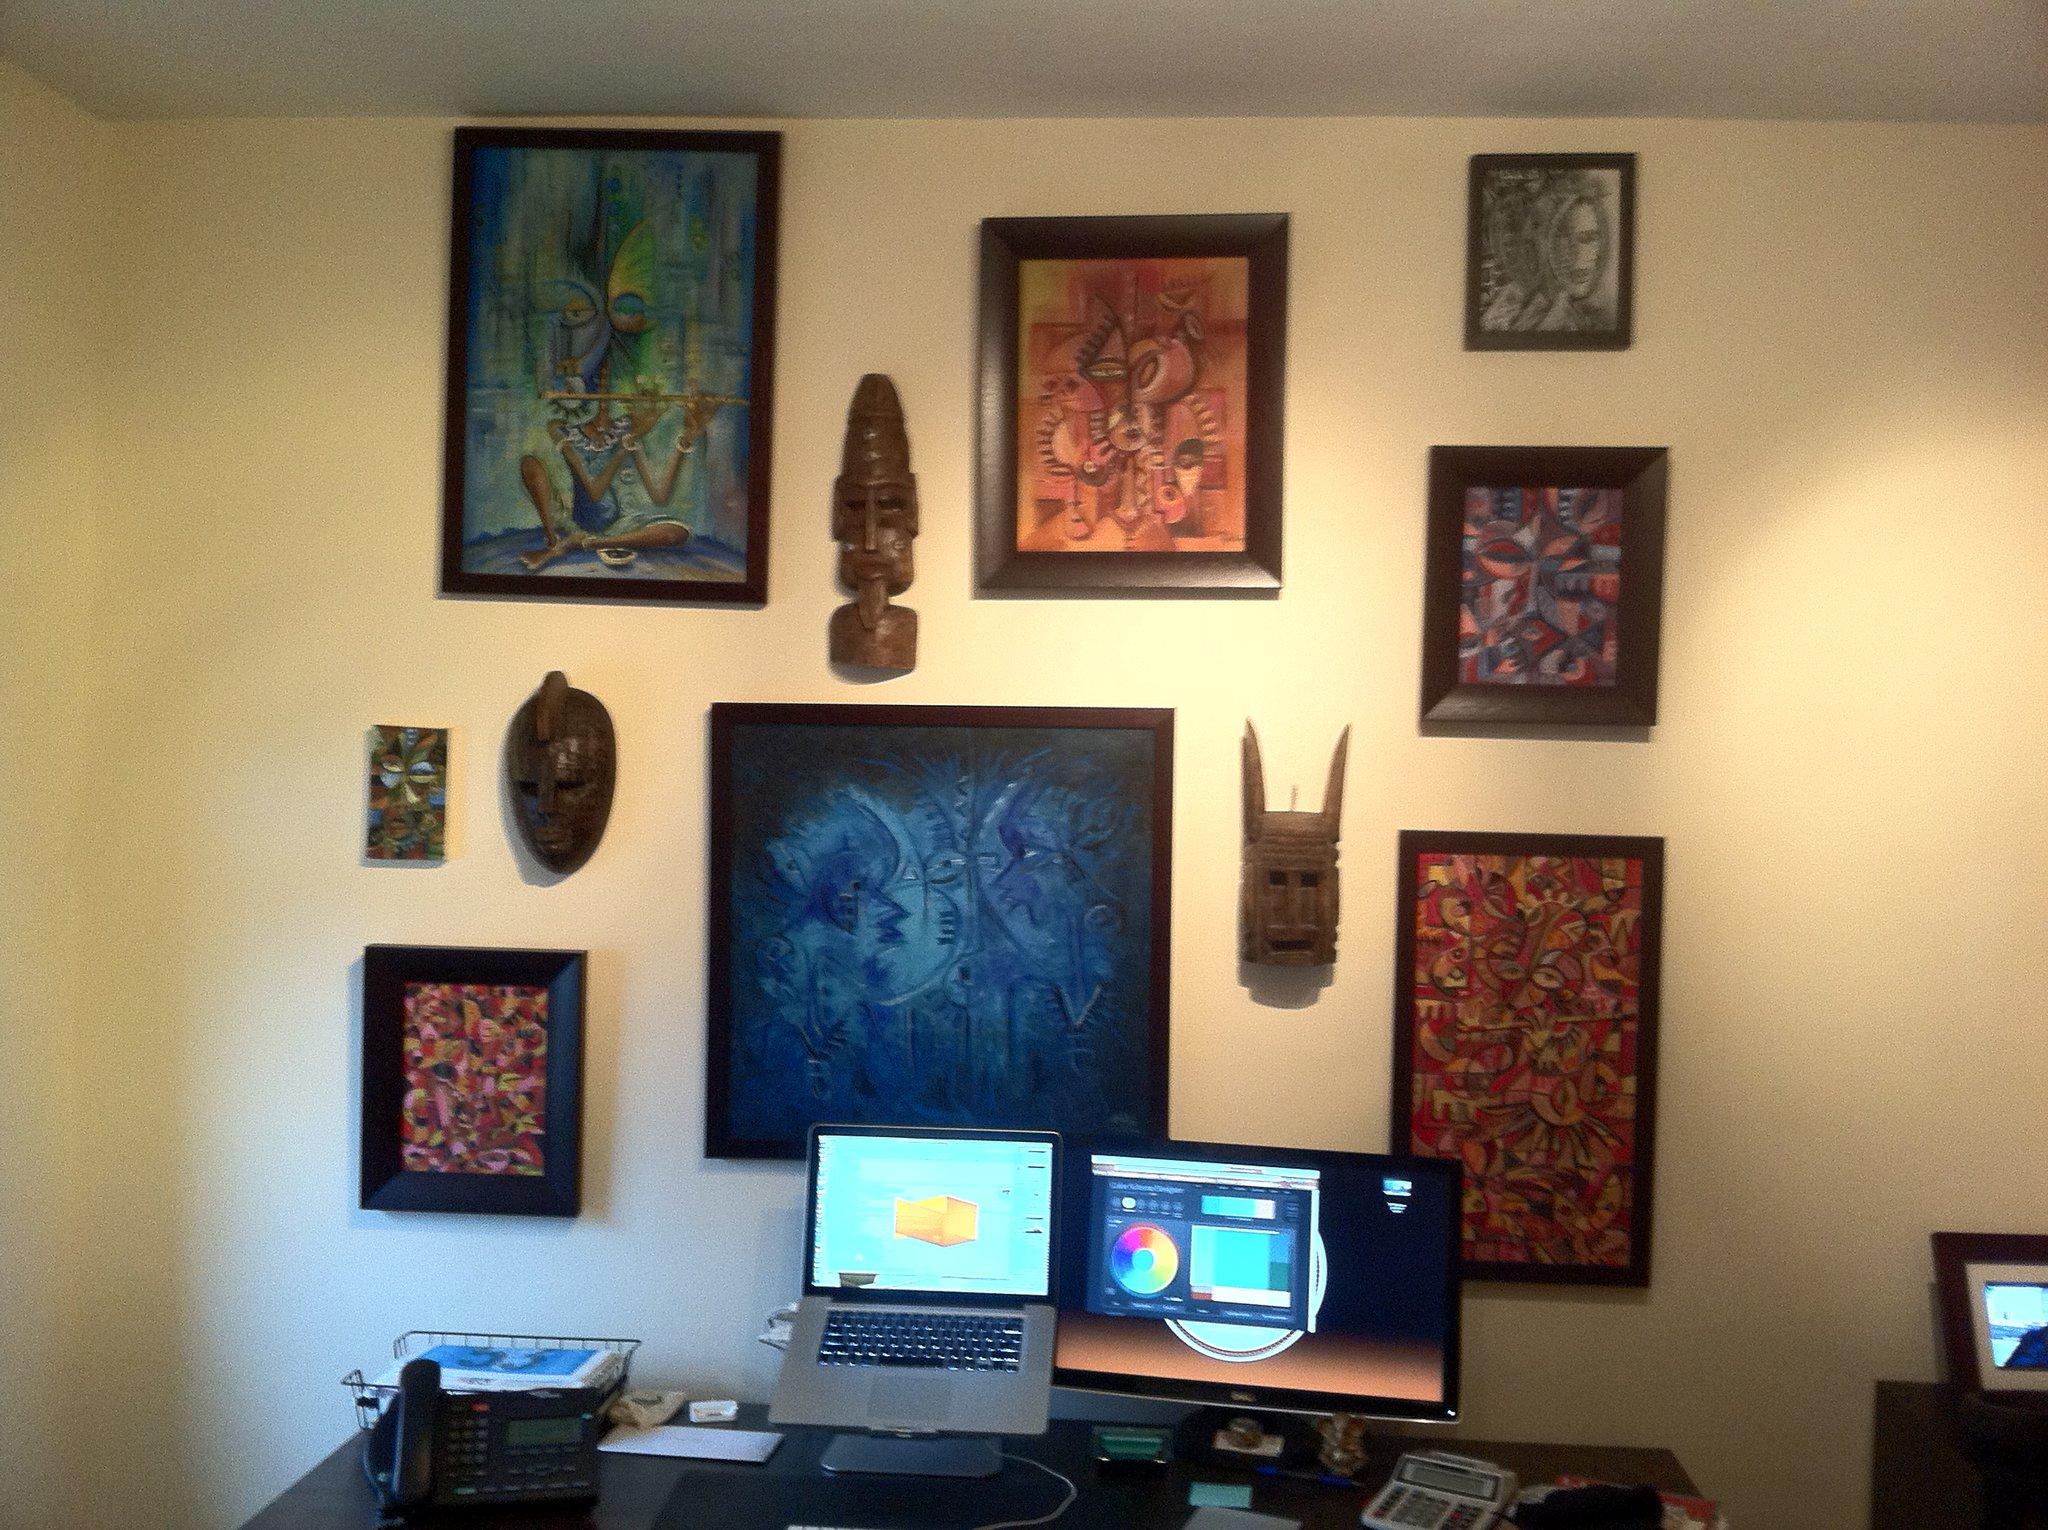 Angu Walters a fan's wall